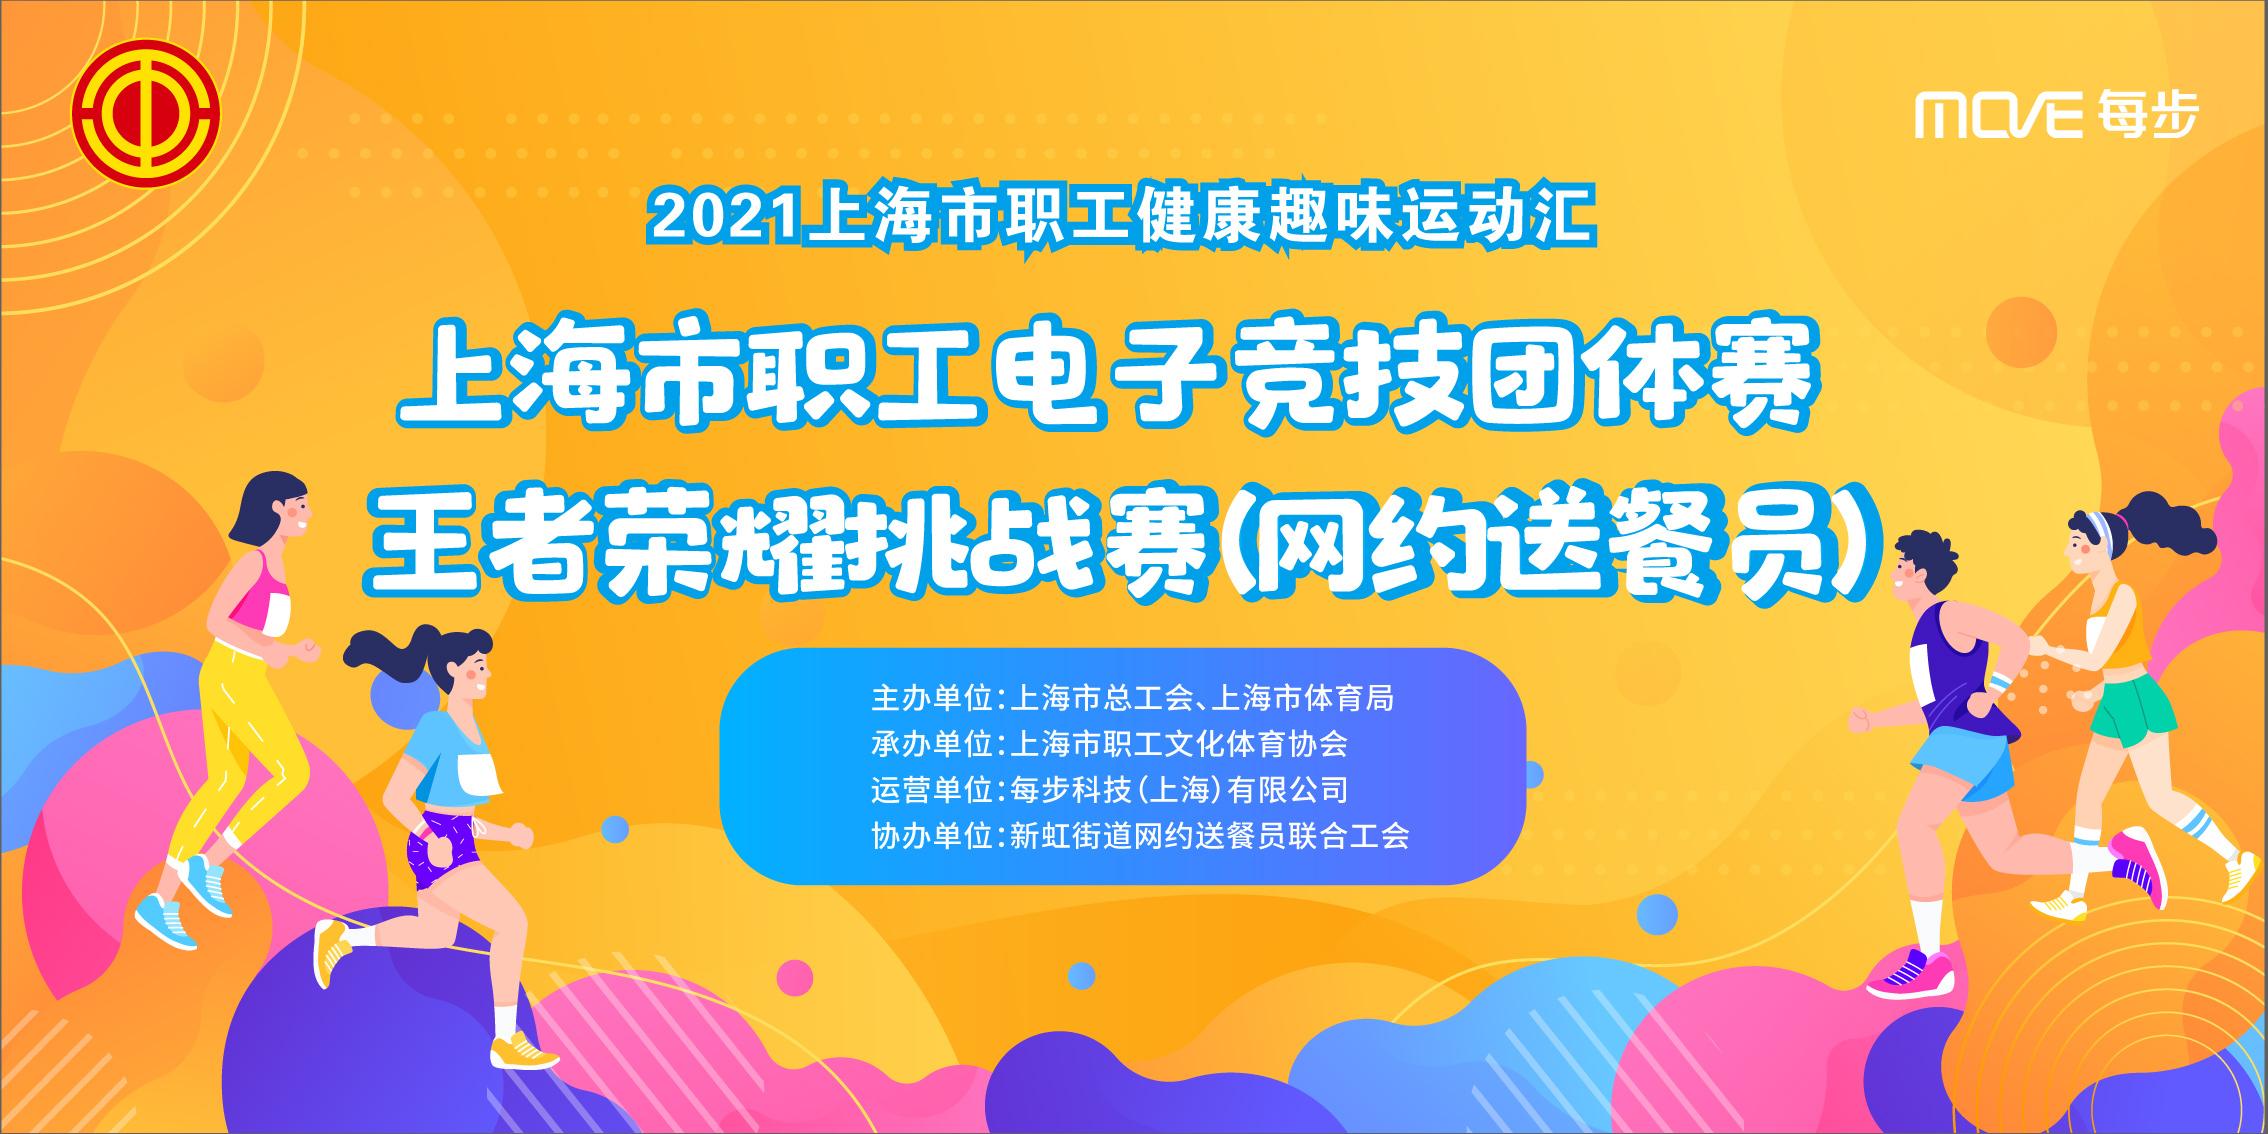 上海市职工电子竞技团体赛——网约送餐员王者荣耀挑战赛线上比赛报名通道已开启……